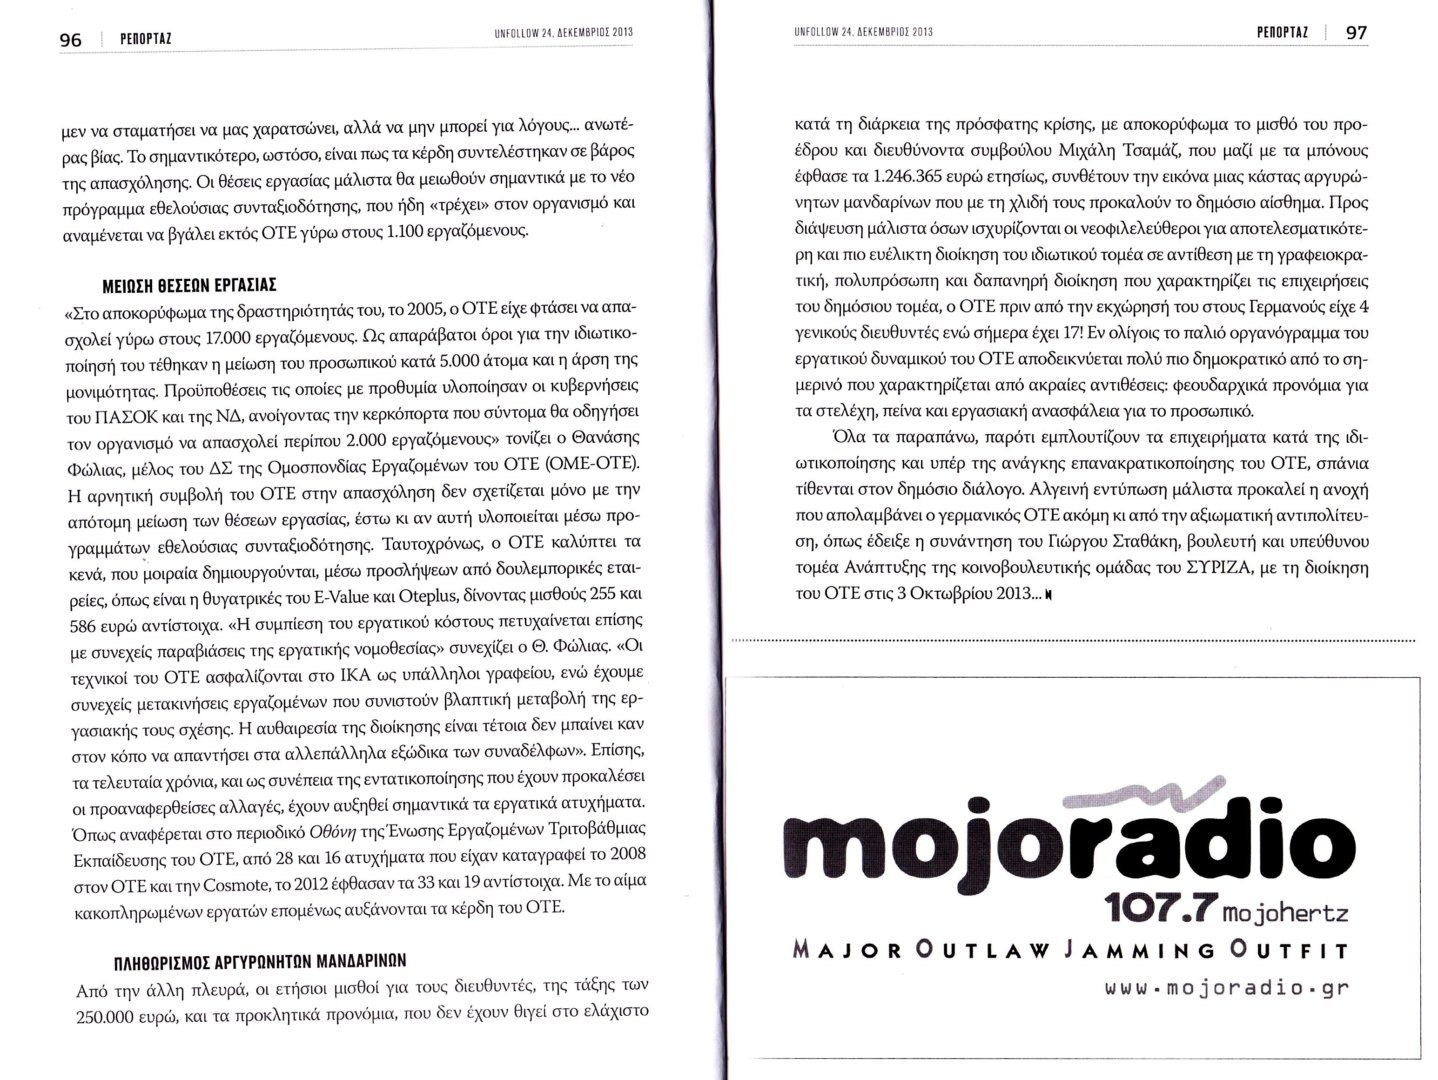 2013-12 Δημοσίευση ΑΣΕ Unfollow 24 ΟΤΕ, συρρίκνωση και αποεπένδυση αντι για επιτυχημένη ιδιωτικοποίηση 3